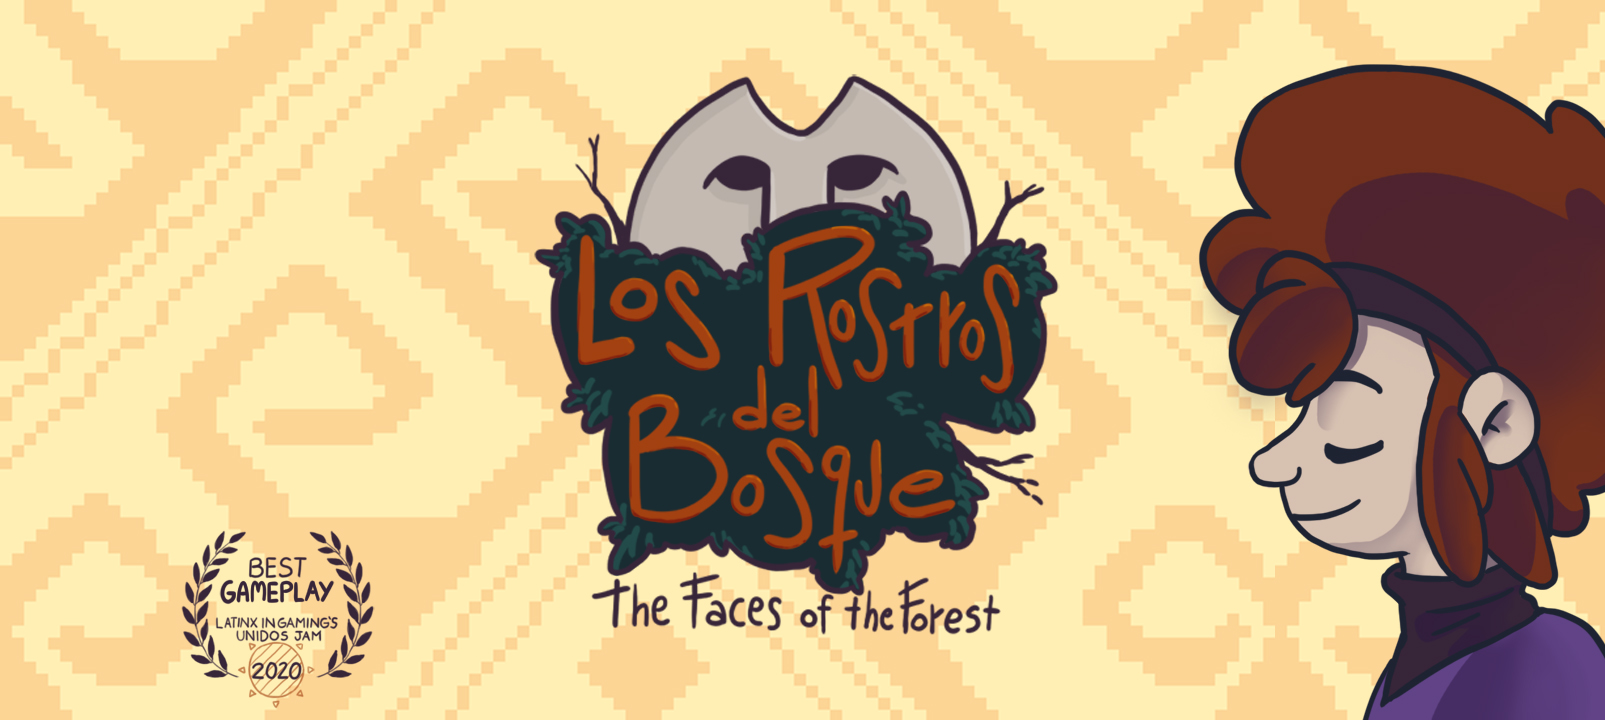 Los Rostros del Bosque